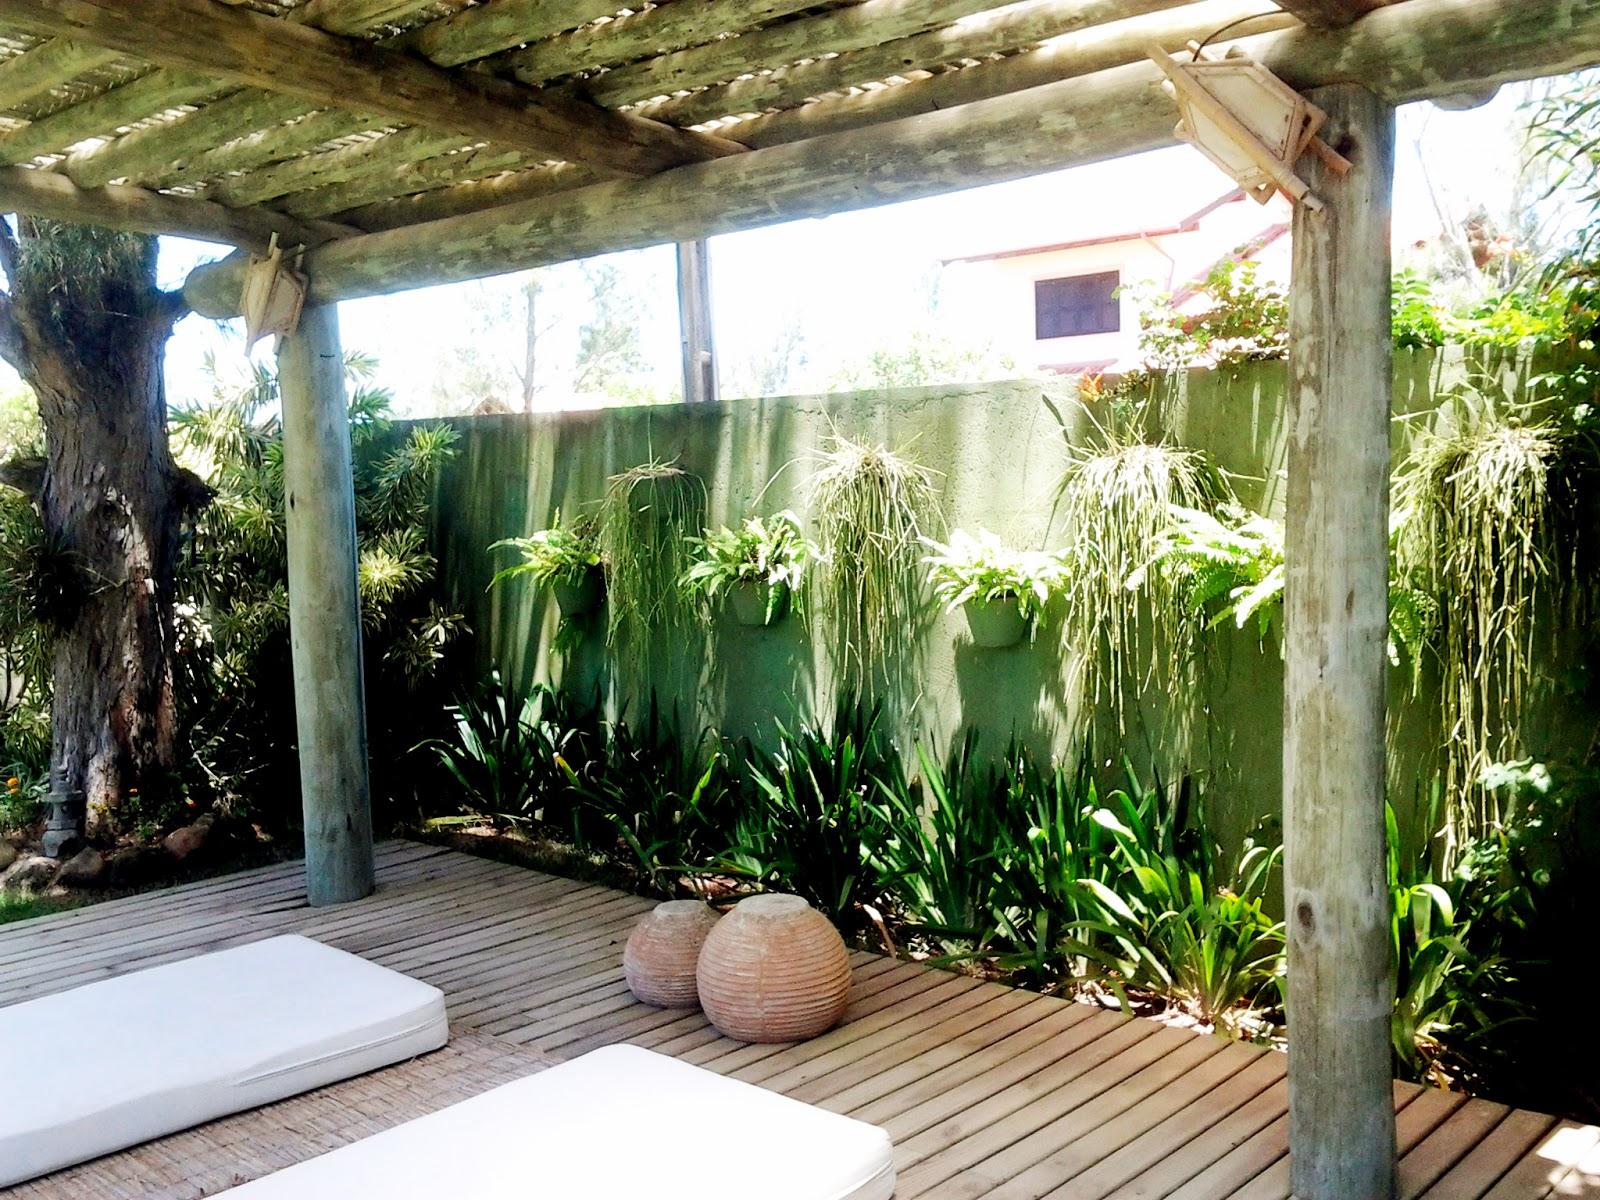 jardim vertical externo:TERRA PRETA = Paisagismo+Projetos+Manutenção de Jardins: Trabalhos